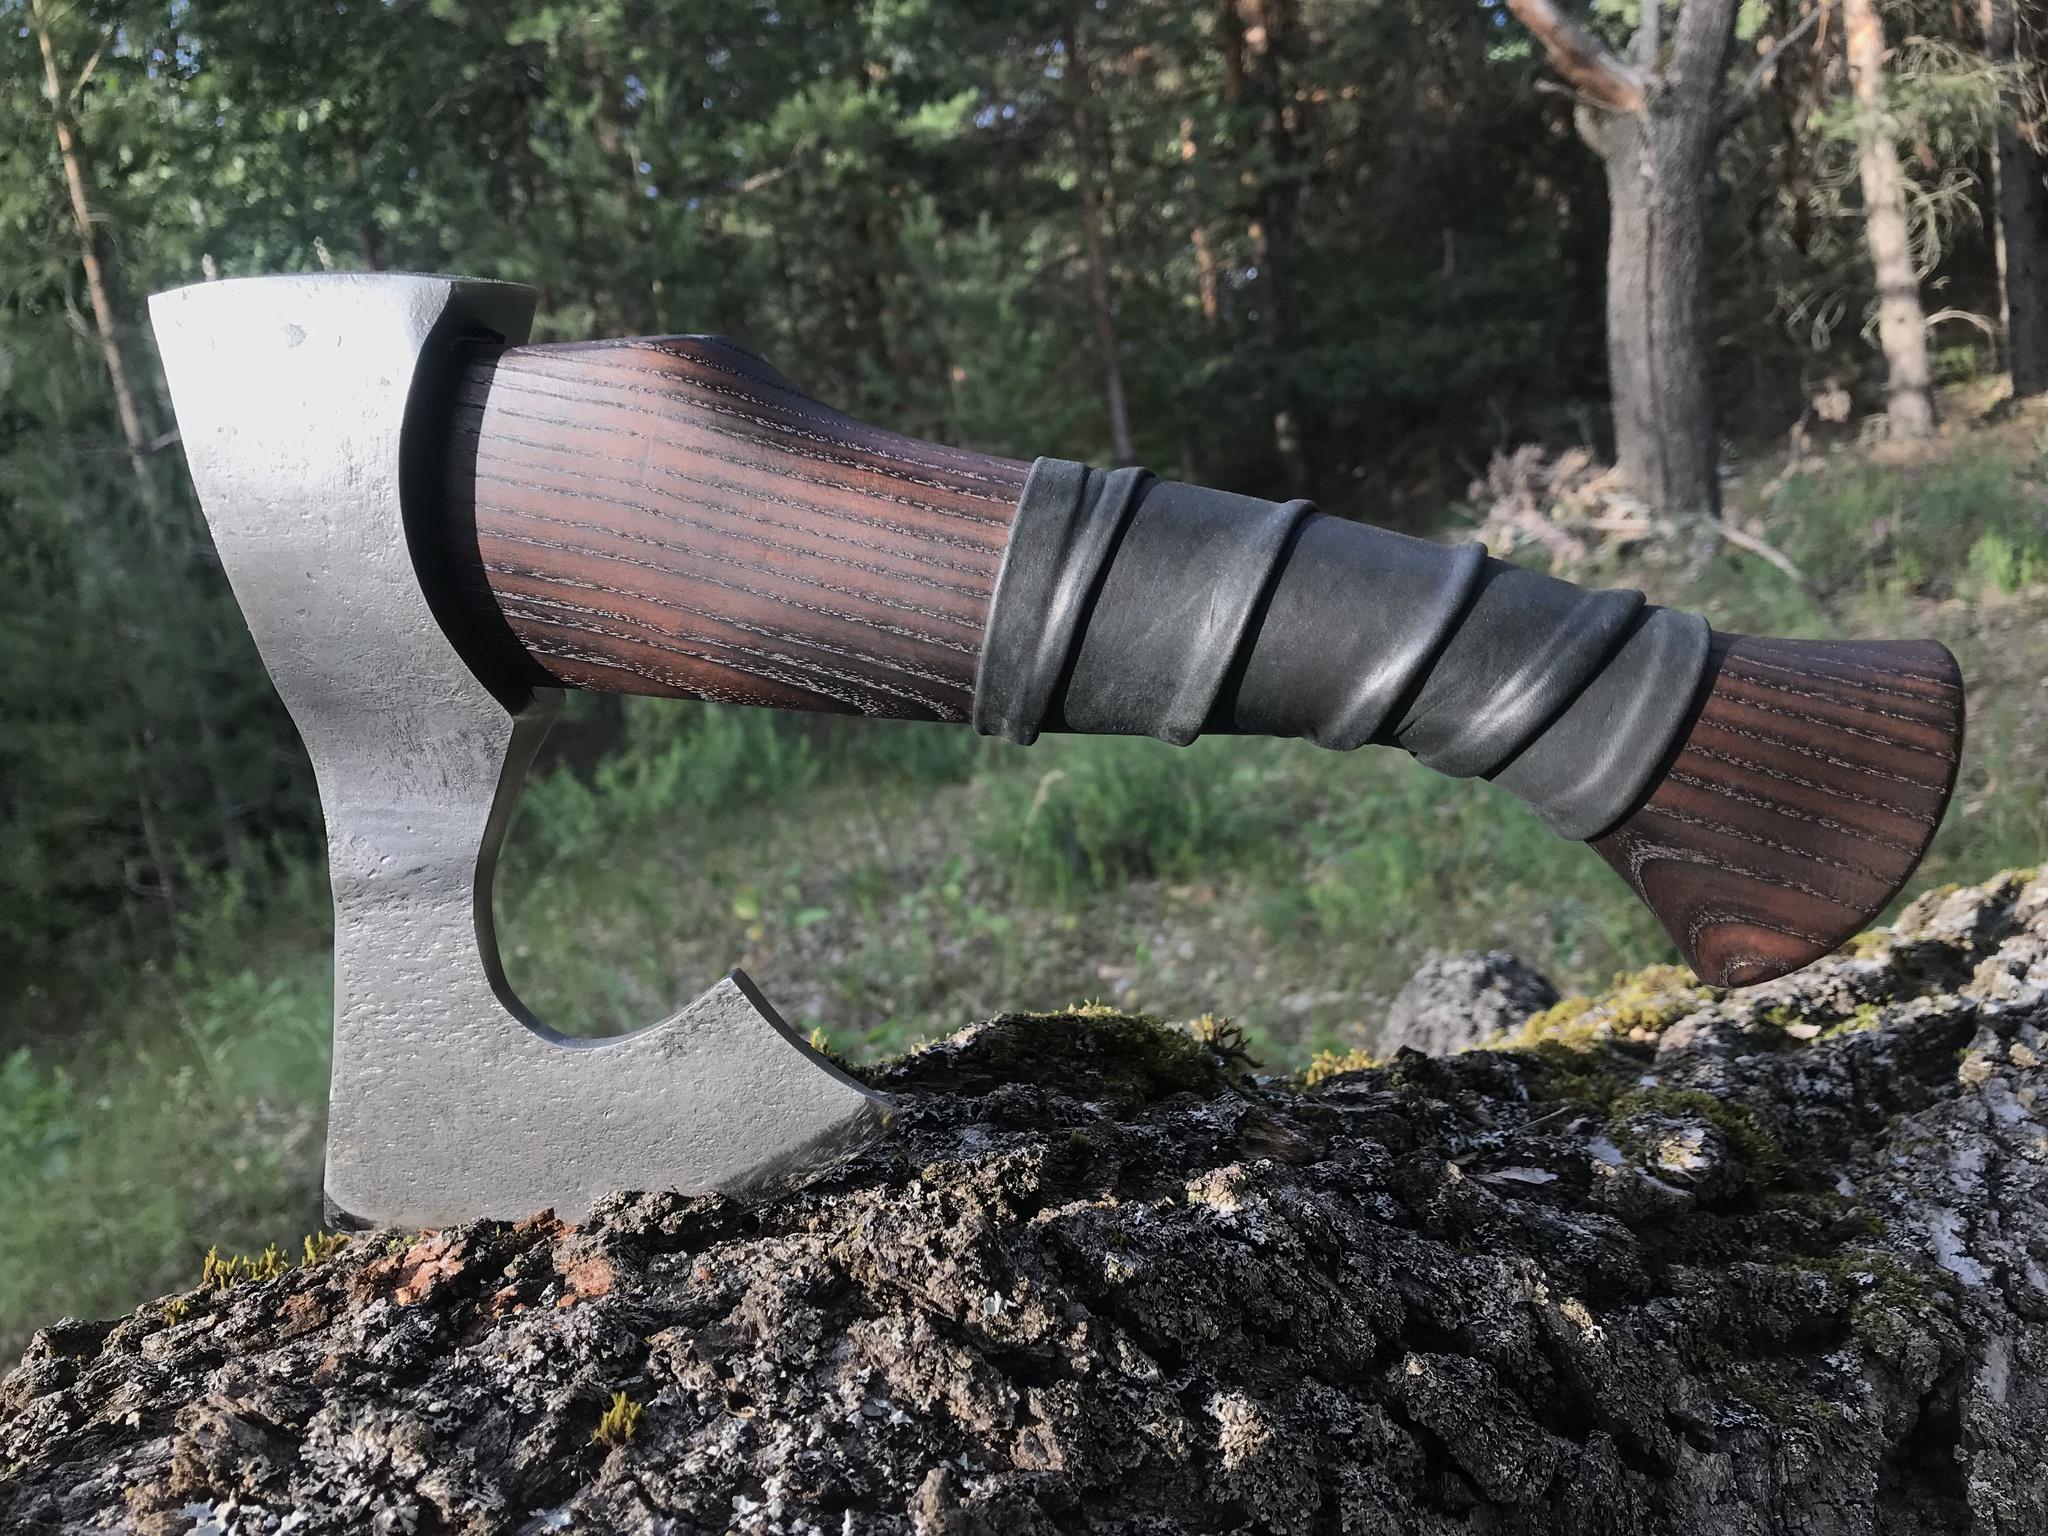 Фото 10 - Топор модель №8, сталь ХВГ, Мастерская Ваулина